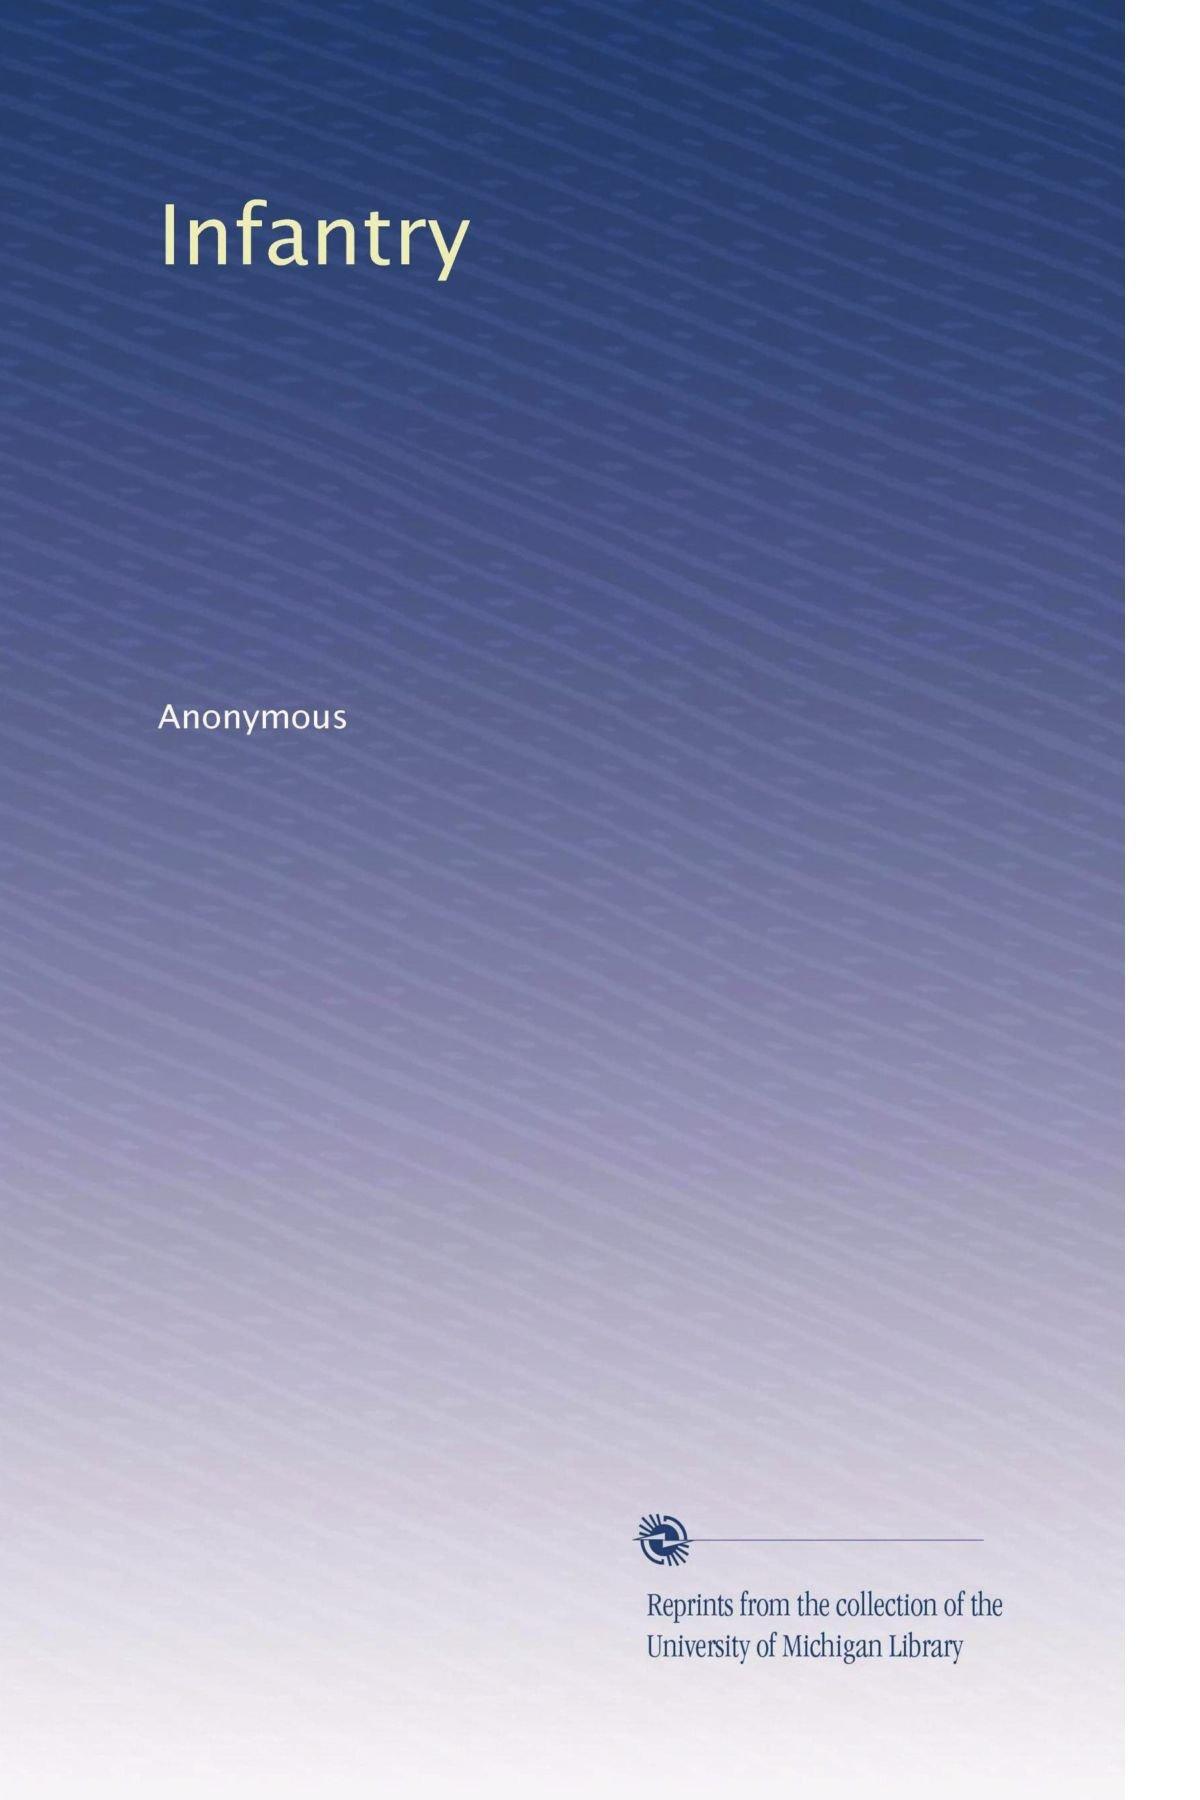 Download Infantry (Volume 5) ebook